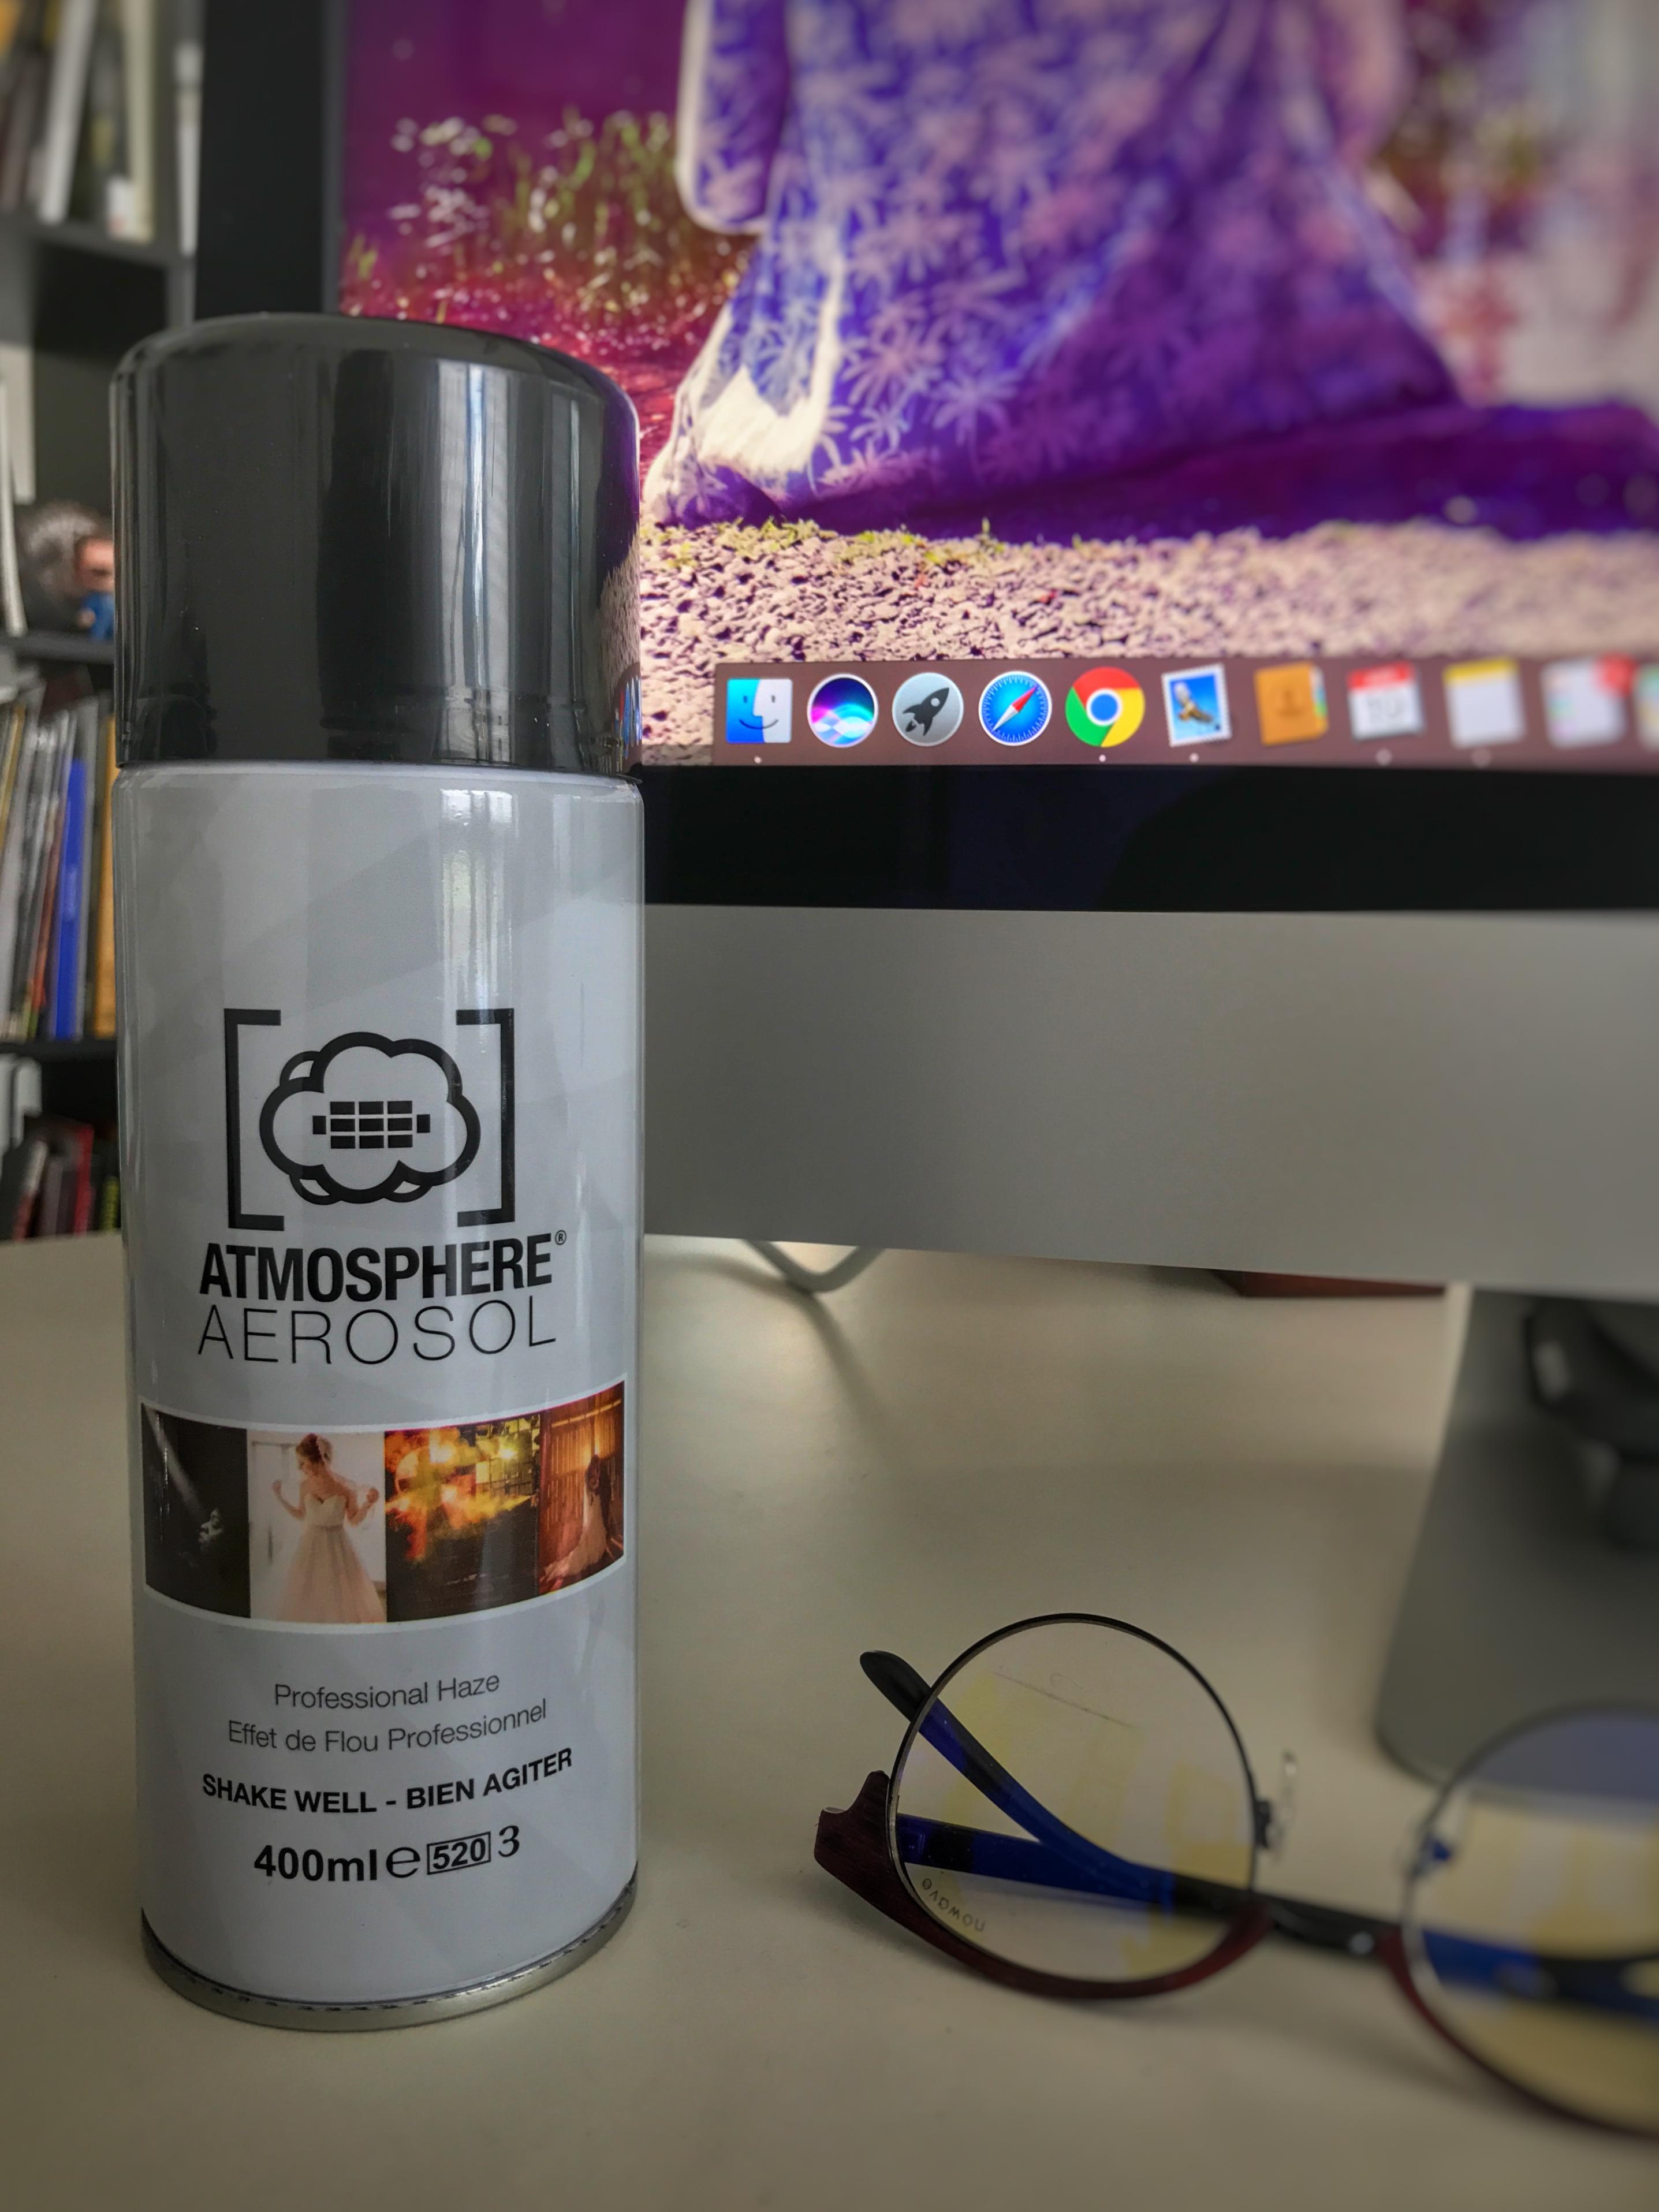 Atmosphere Aerosol, la nebbia in barattolo per fotografi e #videomaker (+ sconto 15% per i nostri lettori!)